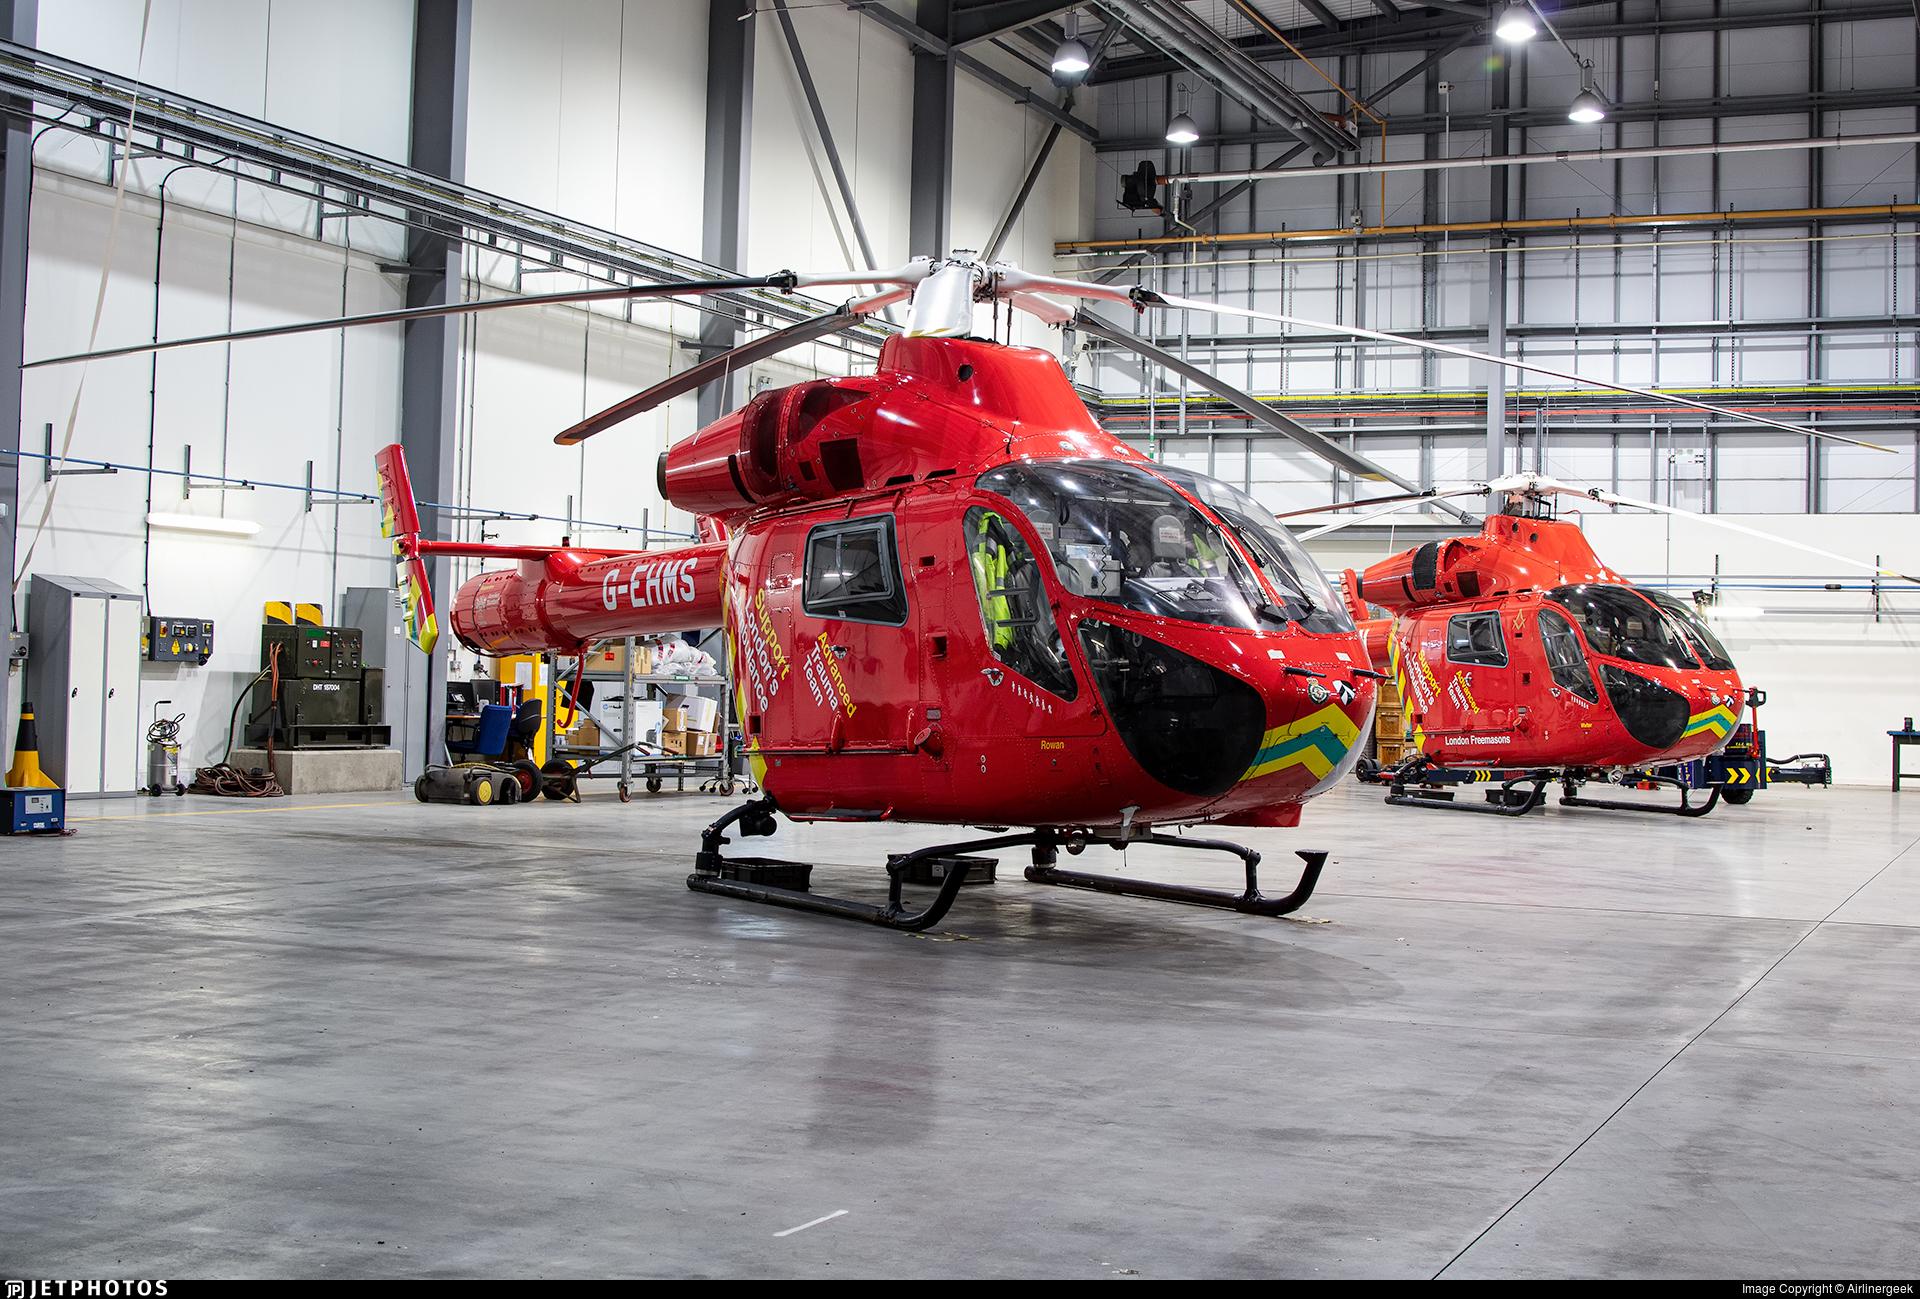 G-EHMS - McDonnell Douglas MD-900 Explorer - Londons Air Ambulance